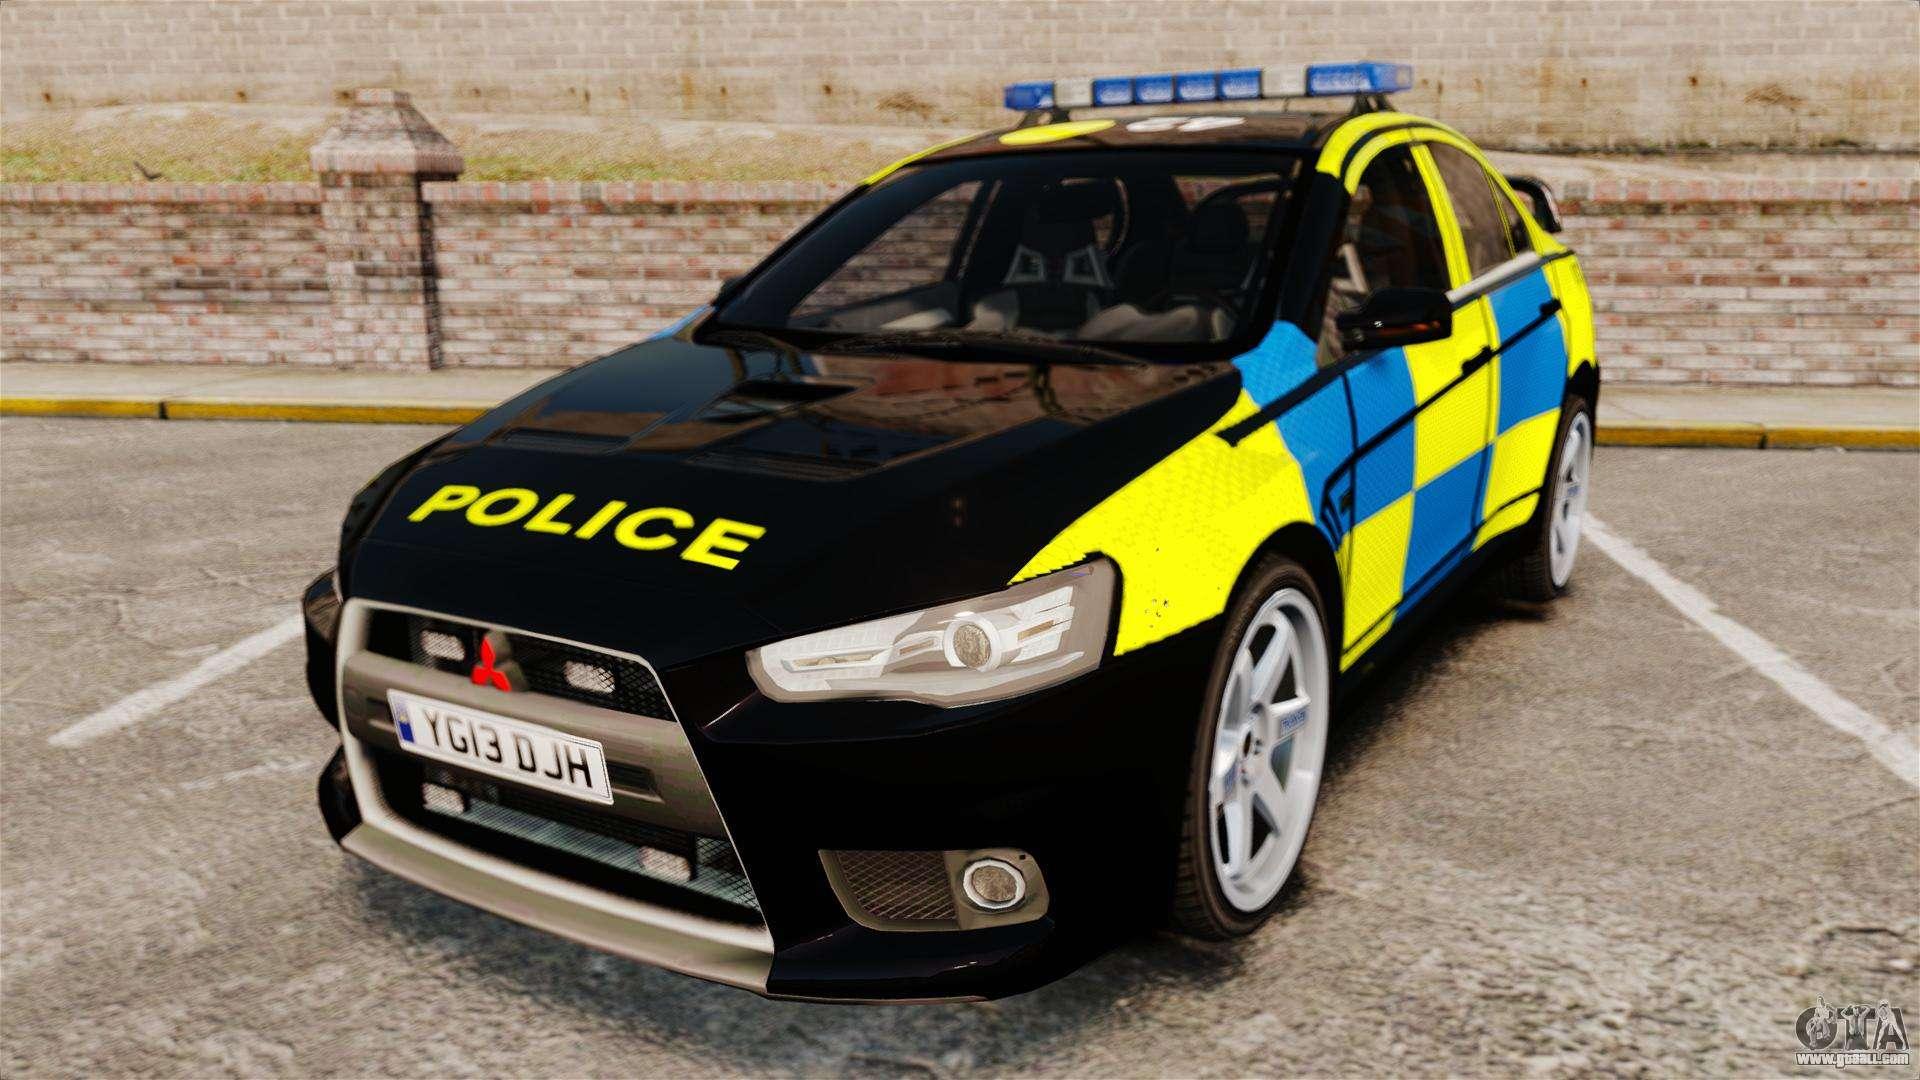 Mitsubishi Lancer Evolution X Uk Police Els For Gta 4